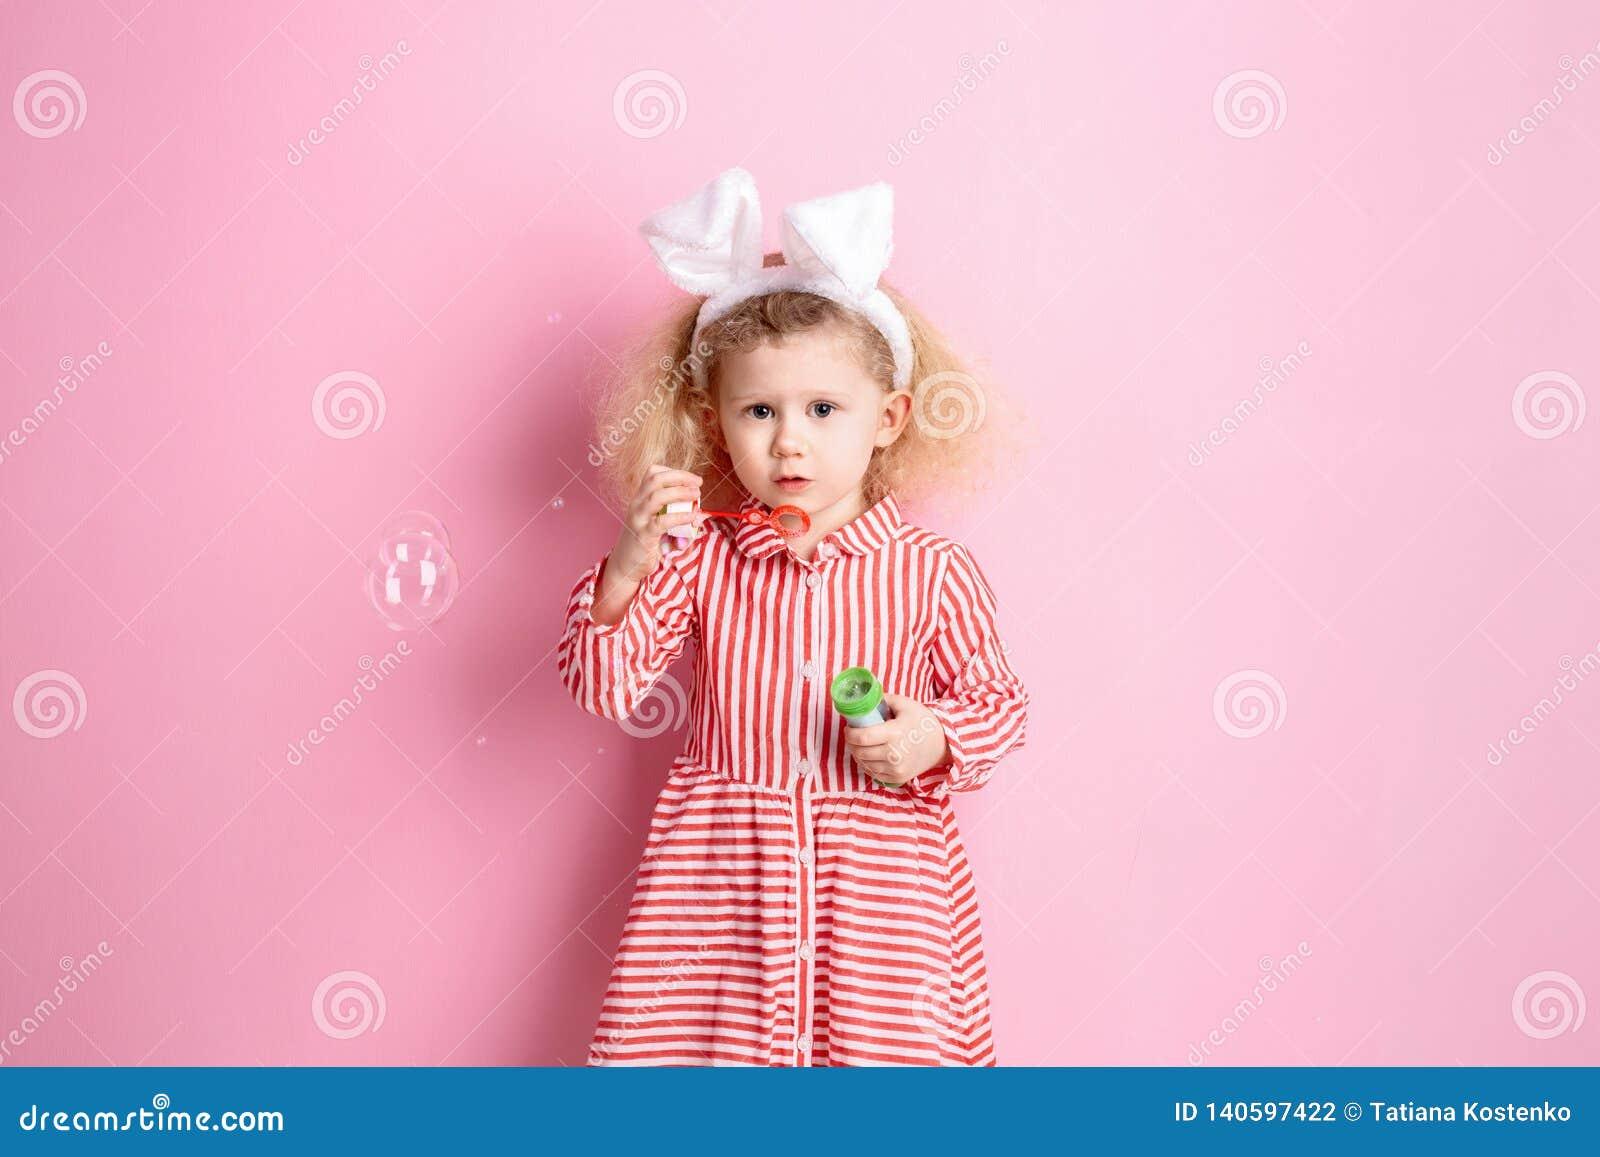 Милая маленькая девочка в striped красных и белых ушах платья и зайчика на ее голове надувает пузыри мыла стоя против a